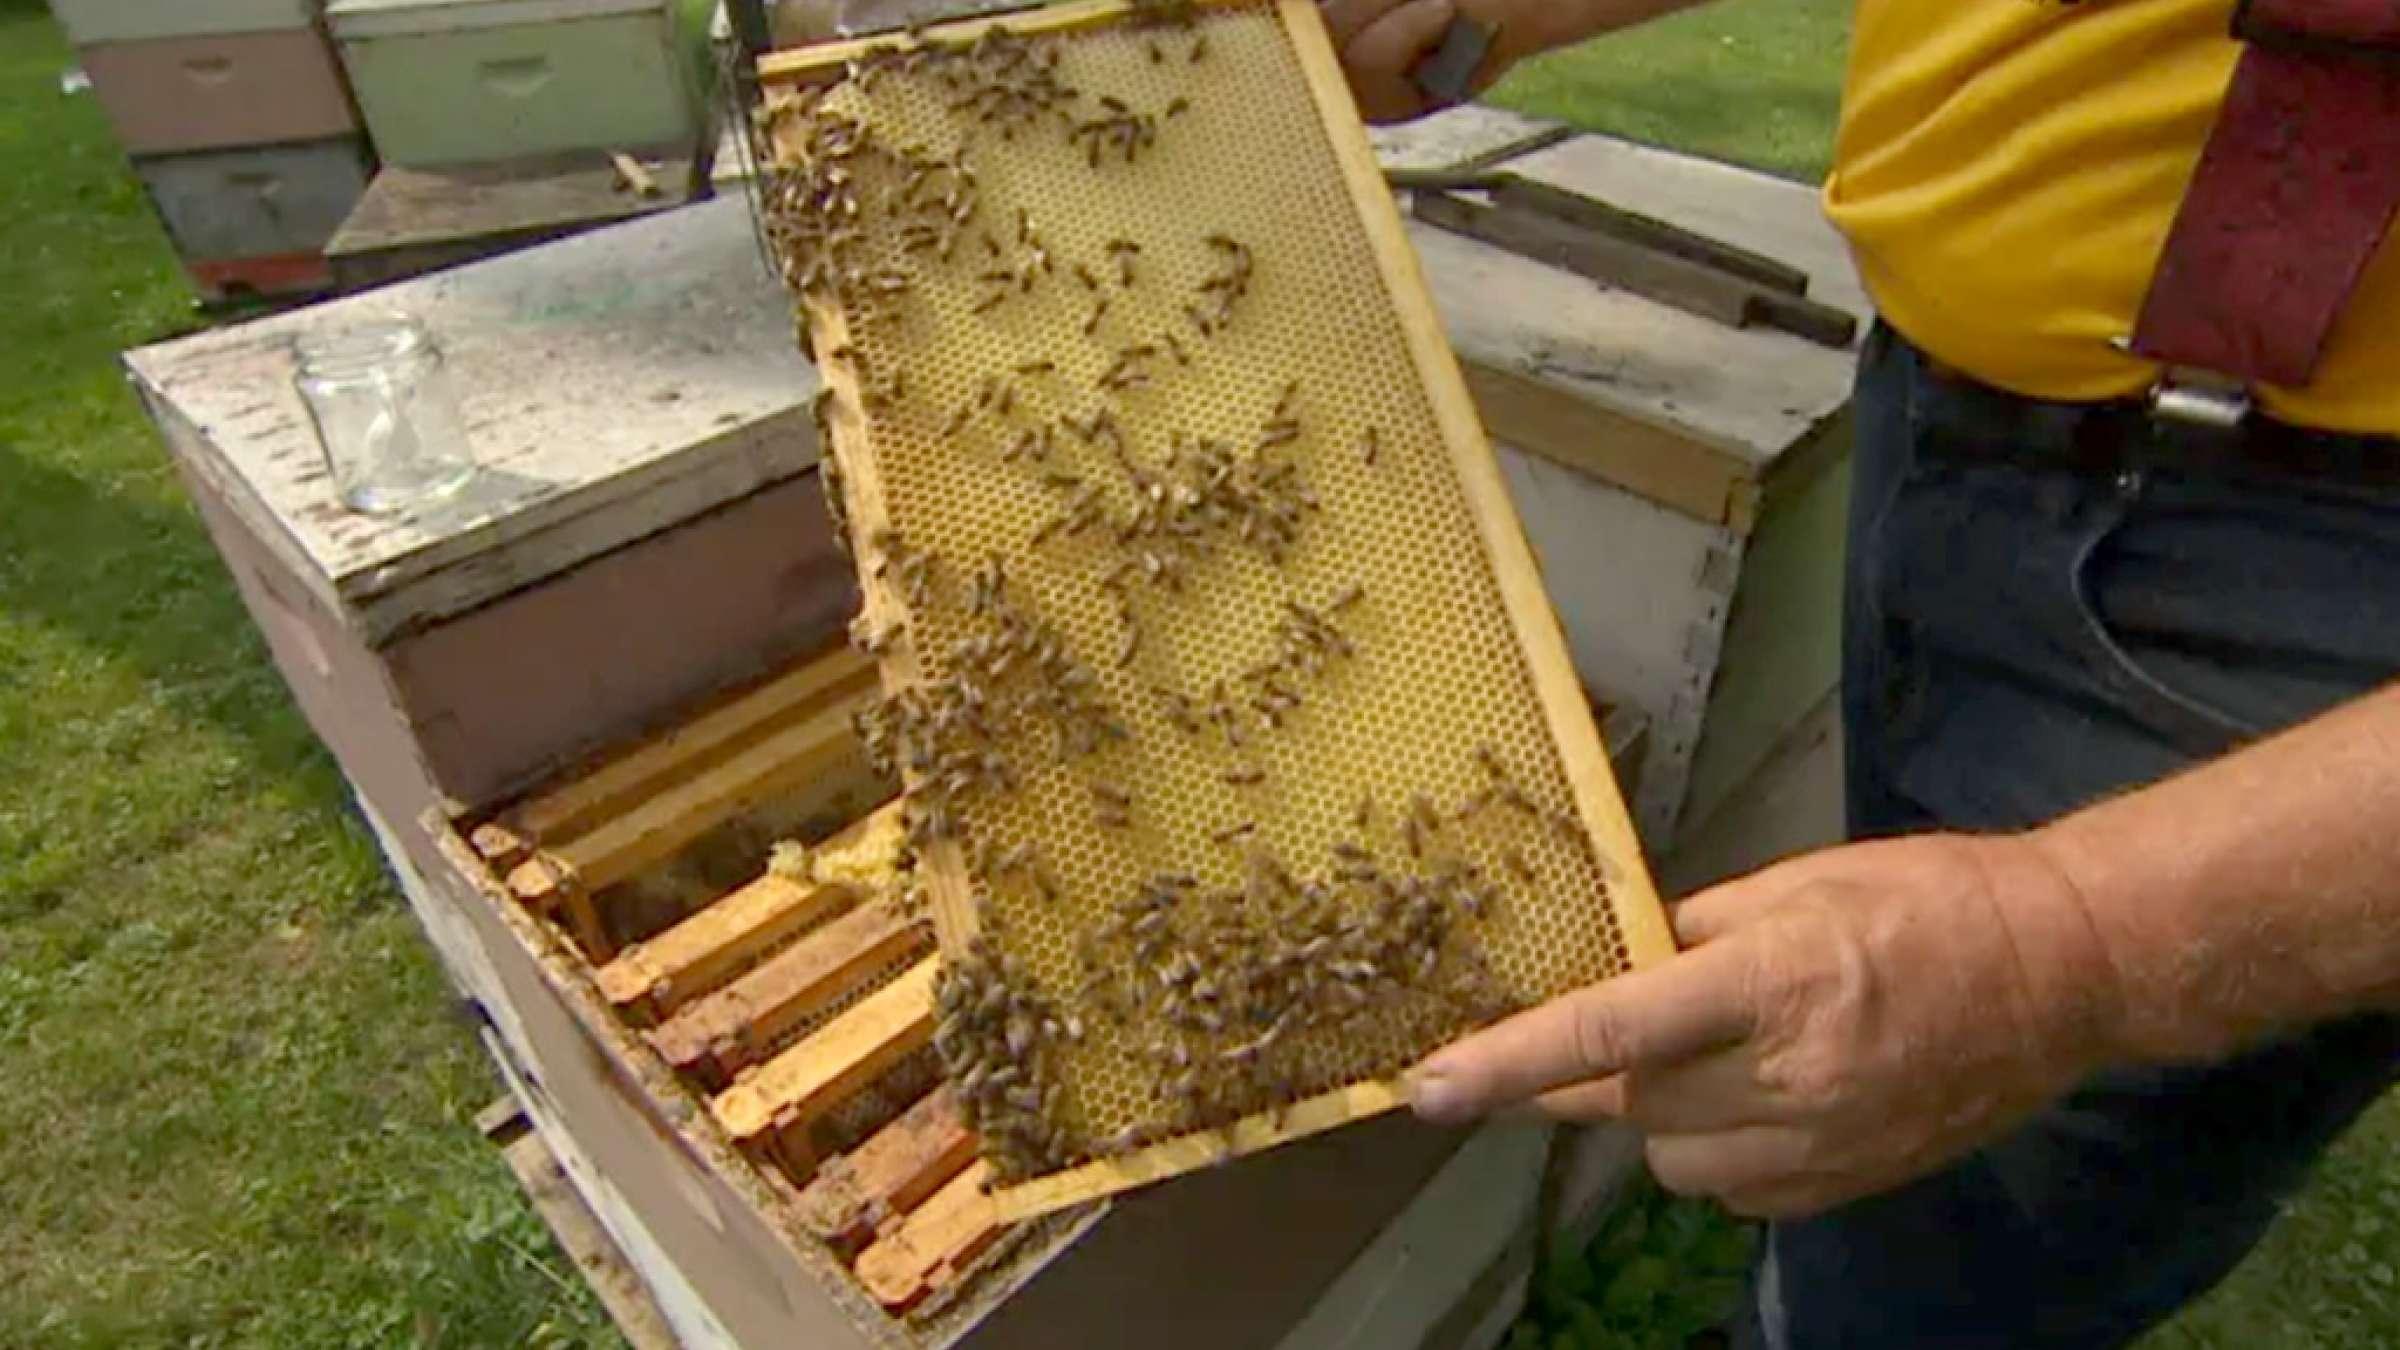 اخبار-کانادا-بازار-گرم-عسل-قلابی-بجای-عسل-خالص-در-کانادا